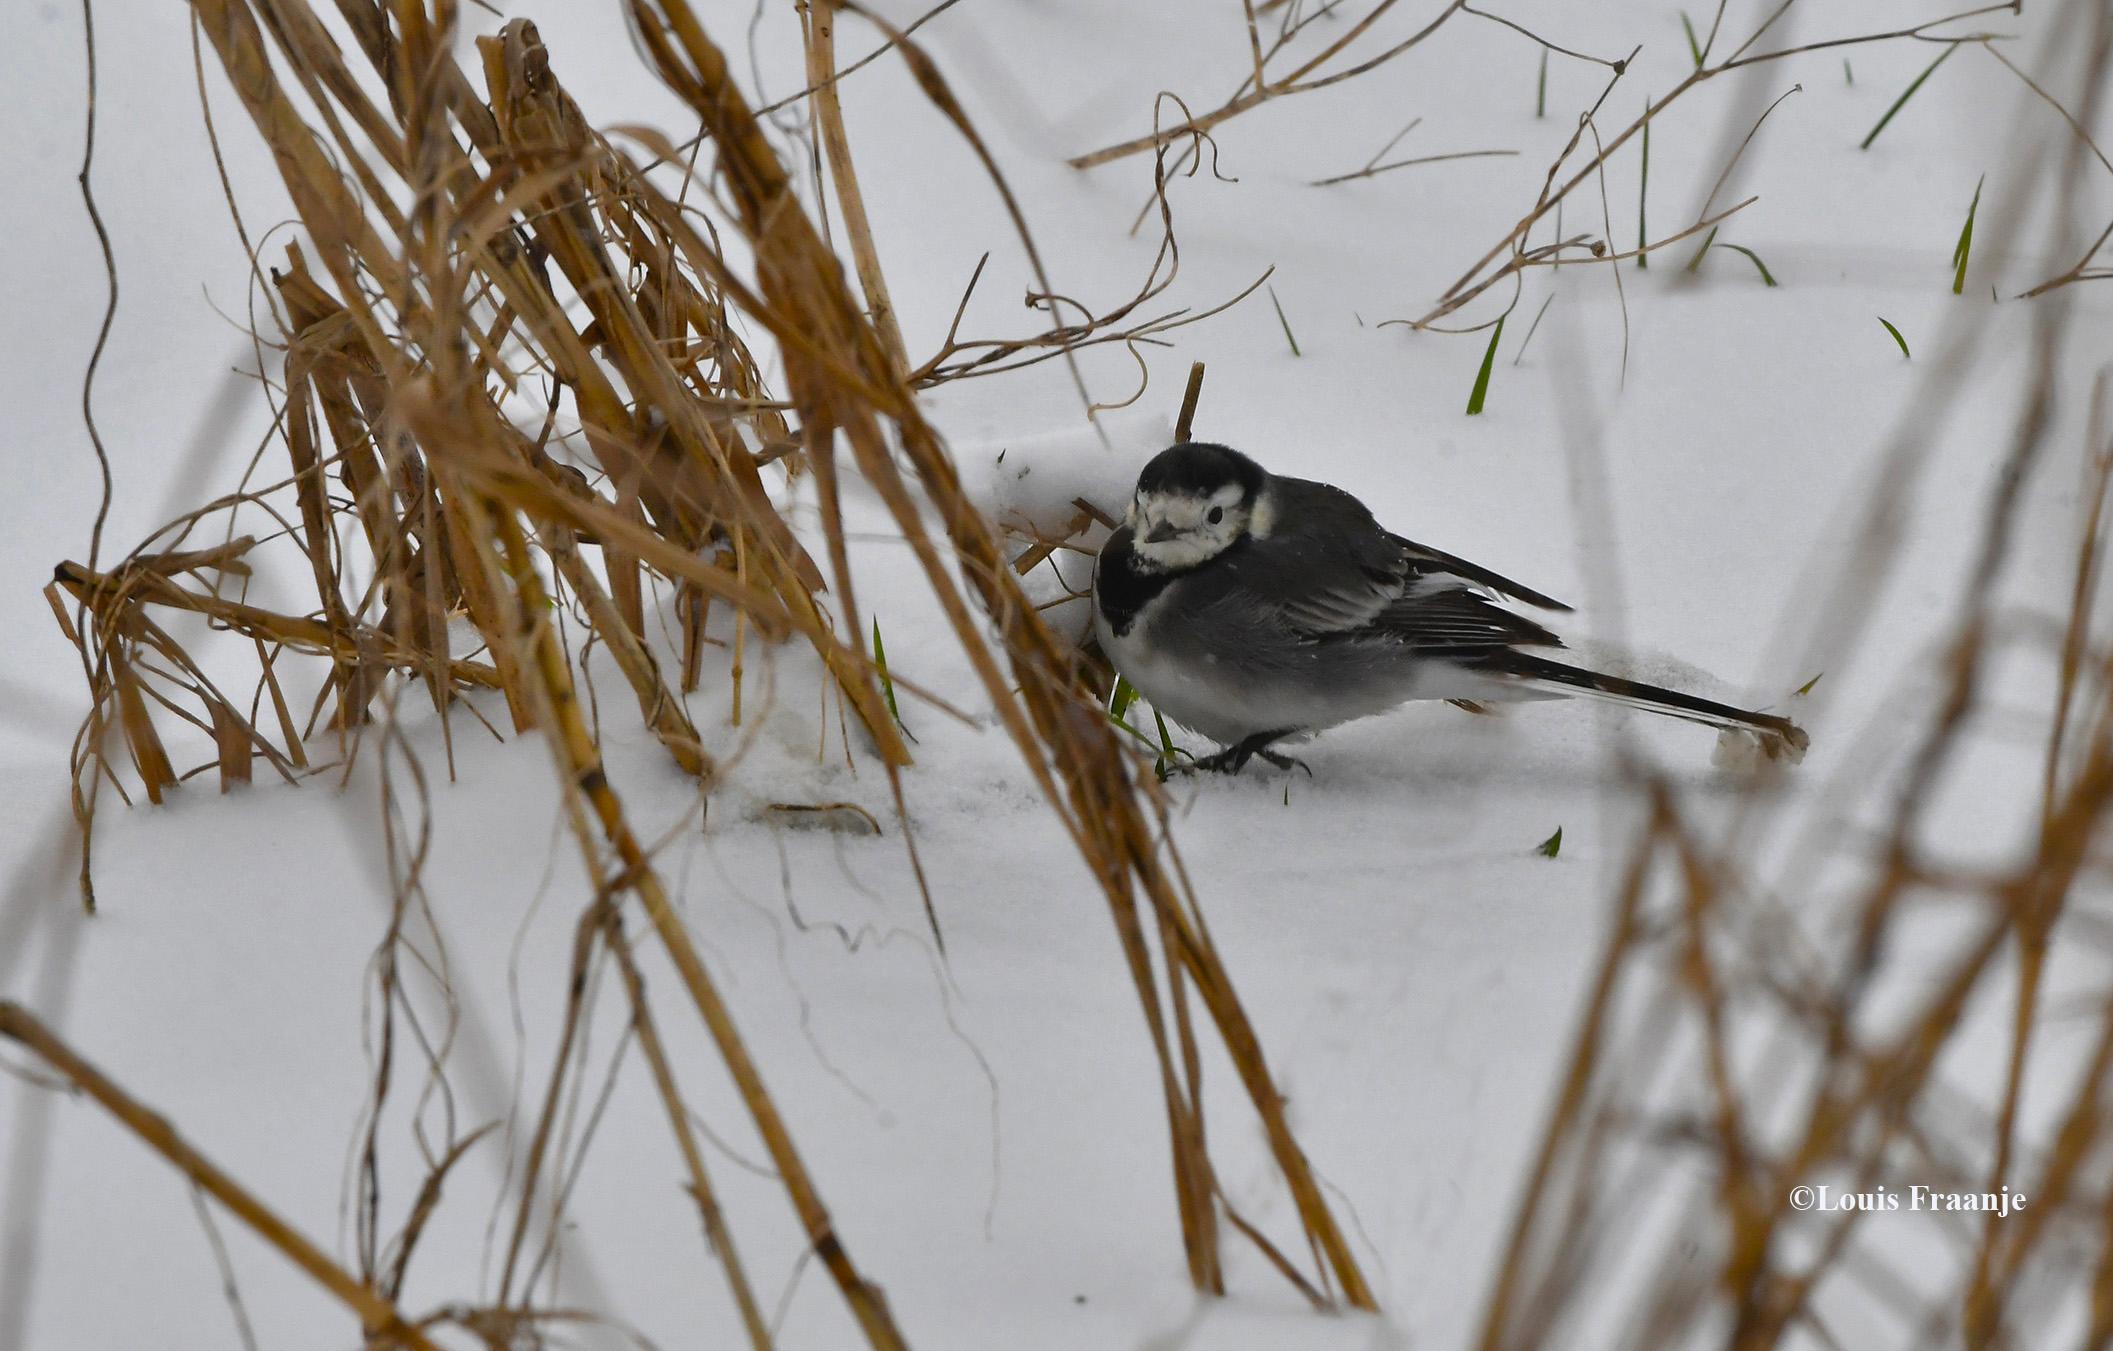 Het kwikstaartje had blijkbaar niet zoveel op met de sneeuw, hij leeft van insecten - Foto: ©Louis Fraanje